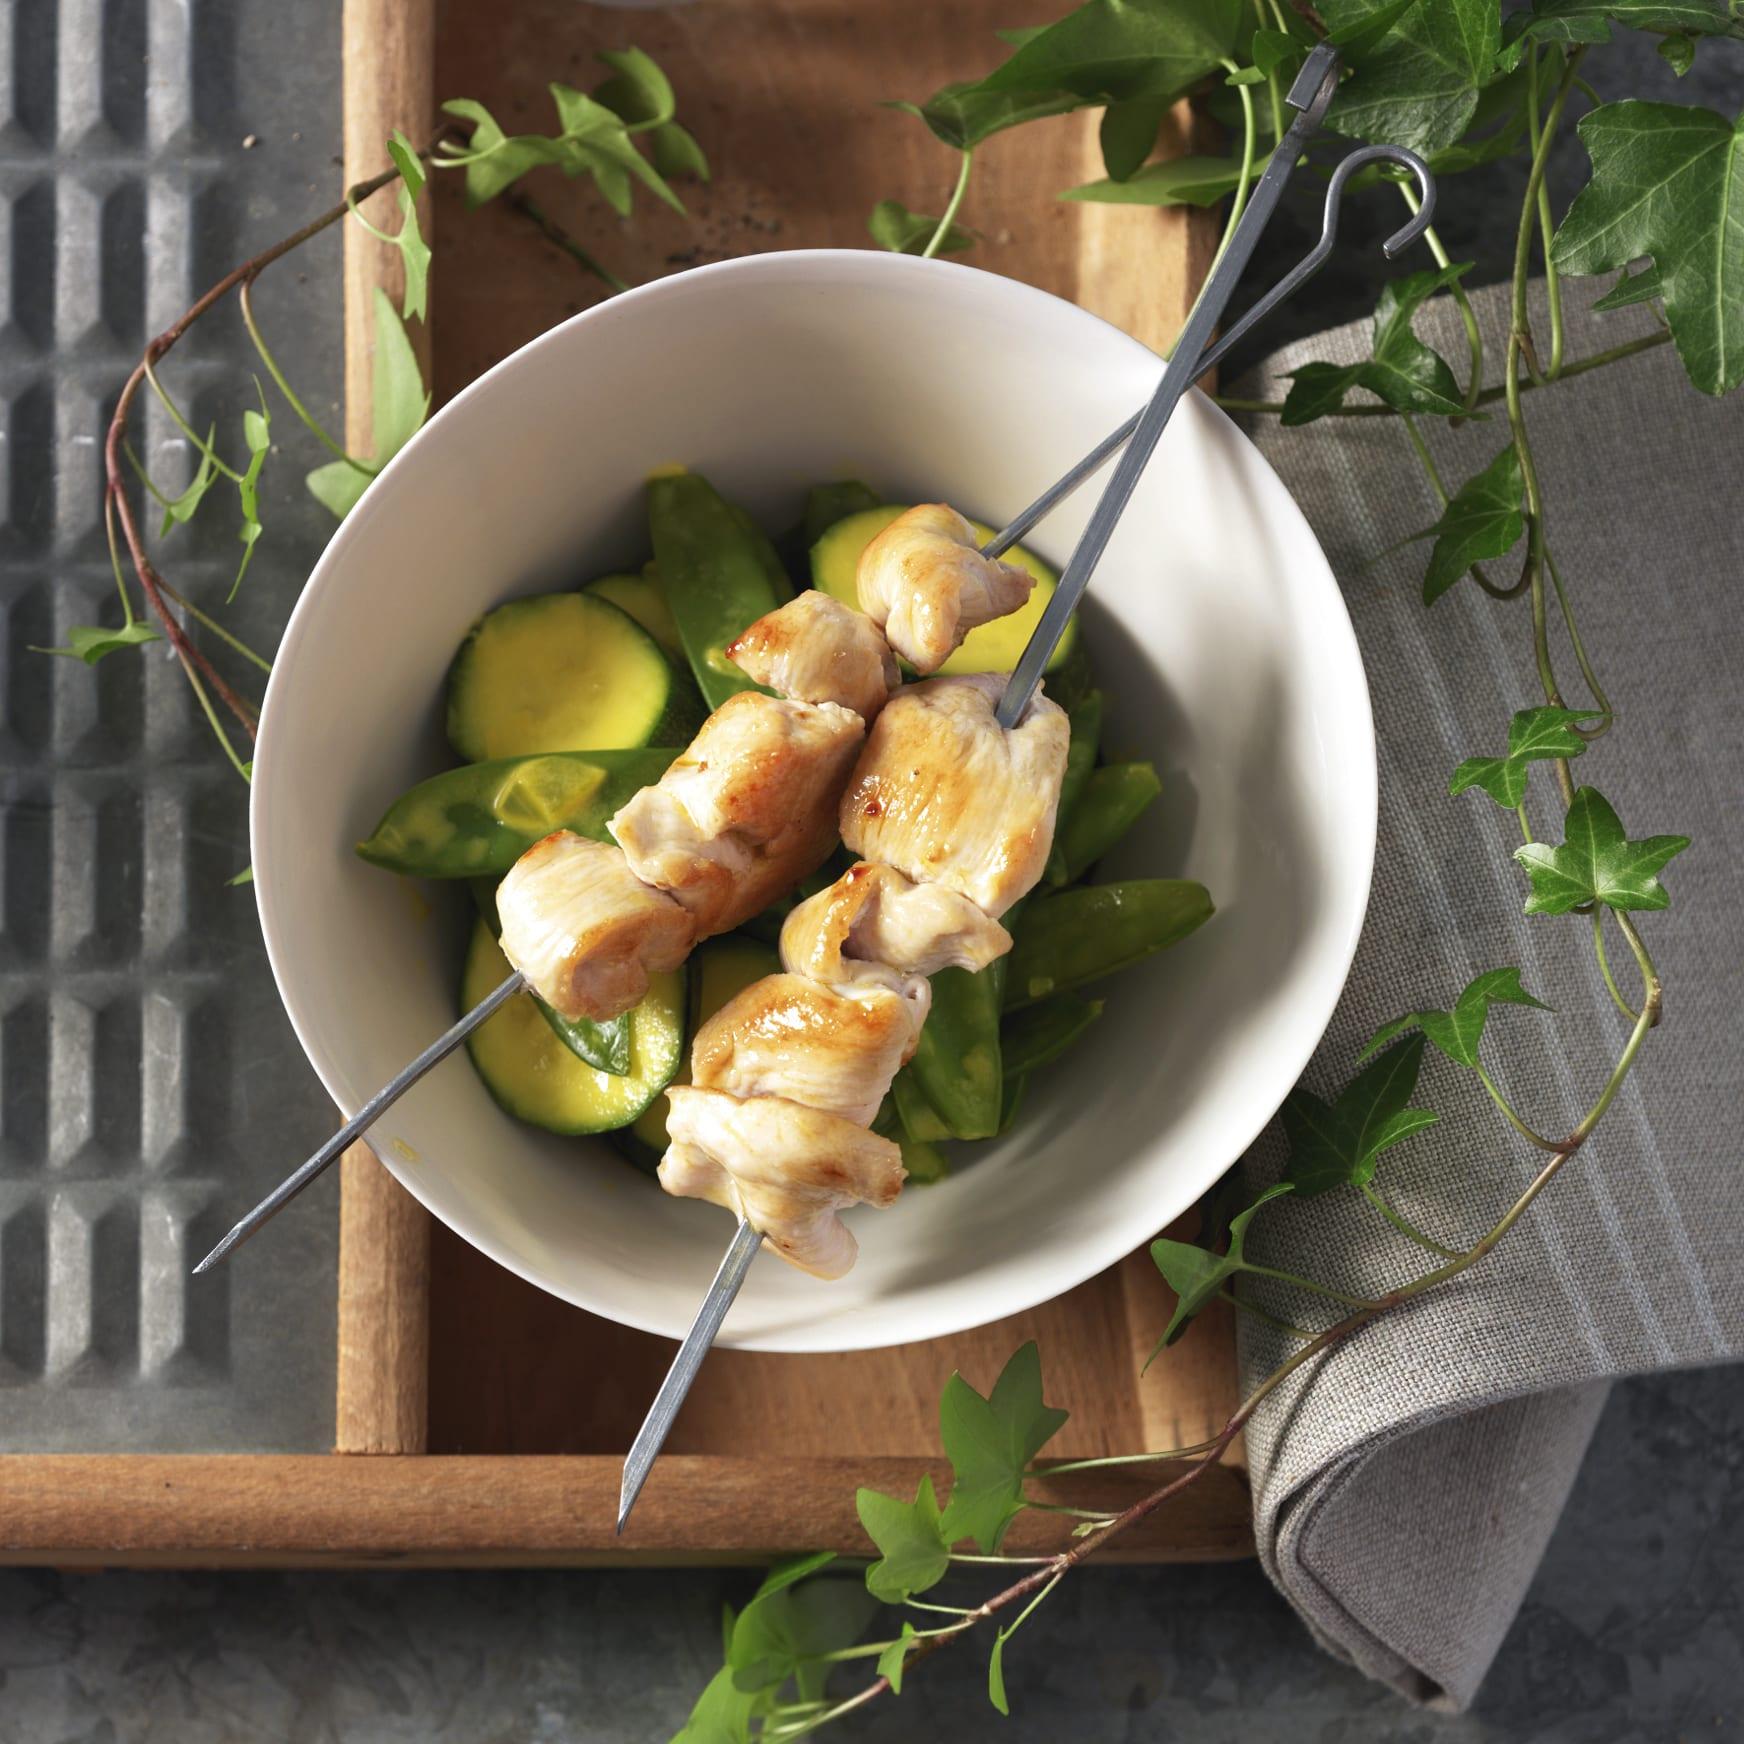 Duo de pois mange-tout et de courgettes et brochettes de poulet